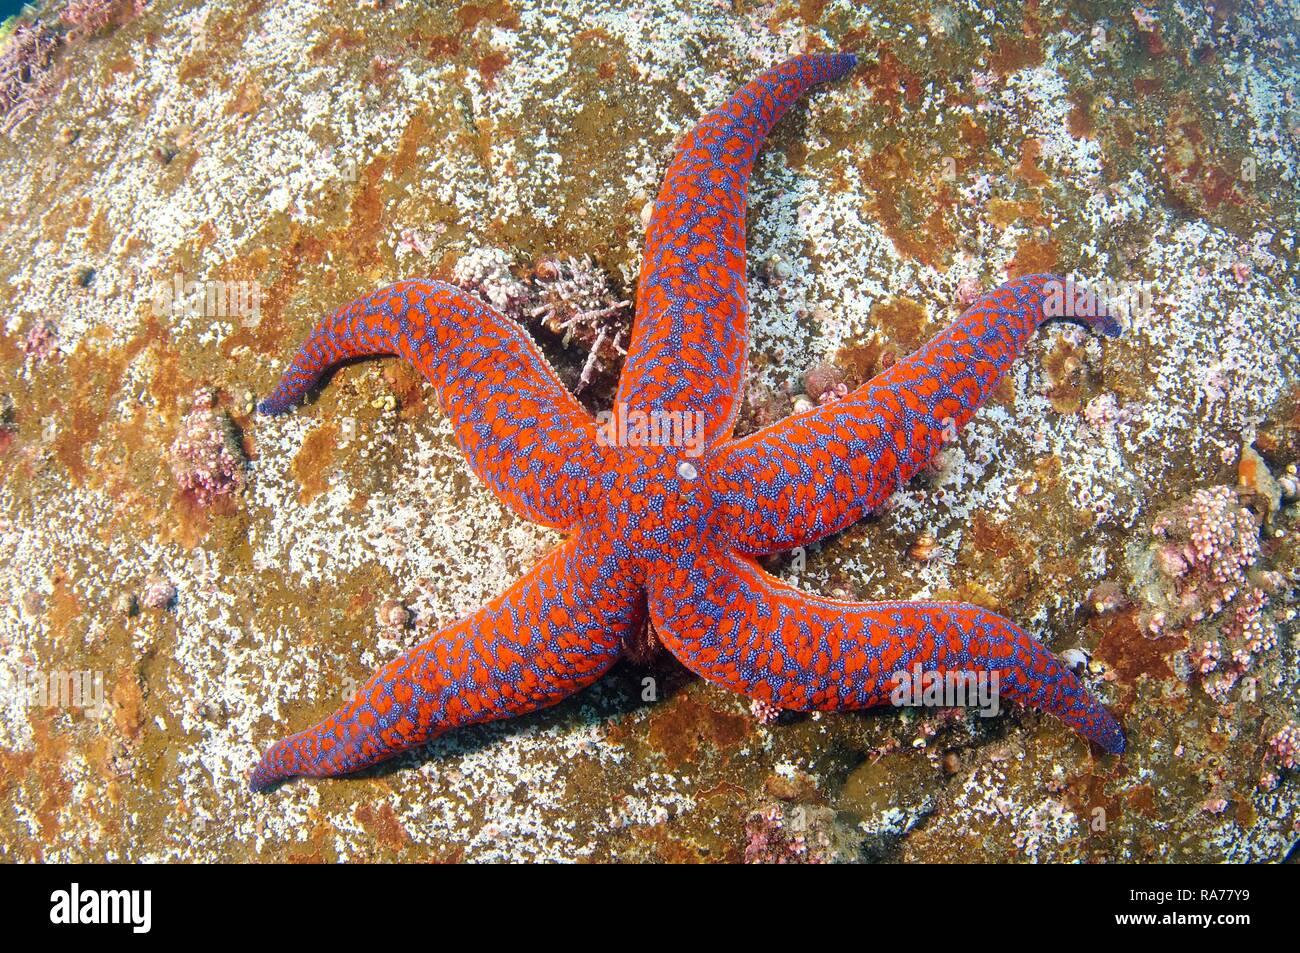 Starfish (Evasterias retifera), el Mar de Japón, en el Lejano Oriente, Primorsky Krai, Federación de Rusia Imagen De Stock